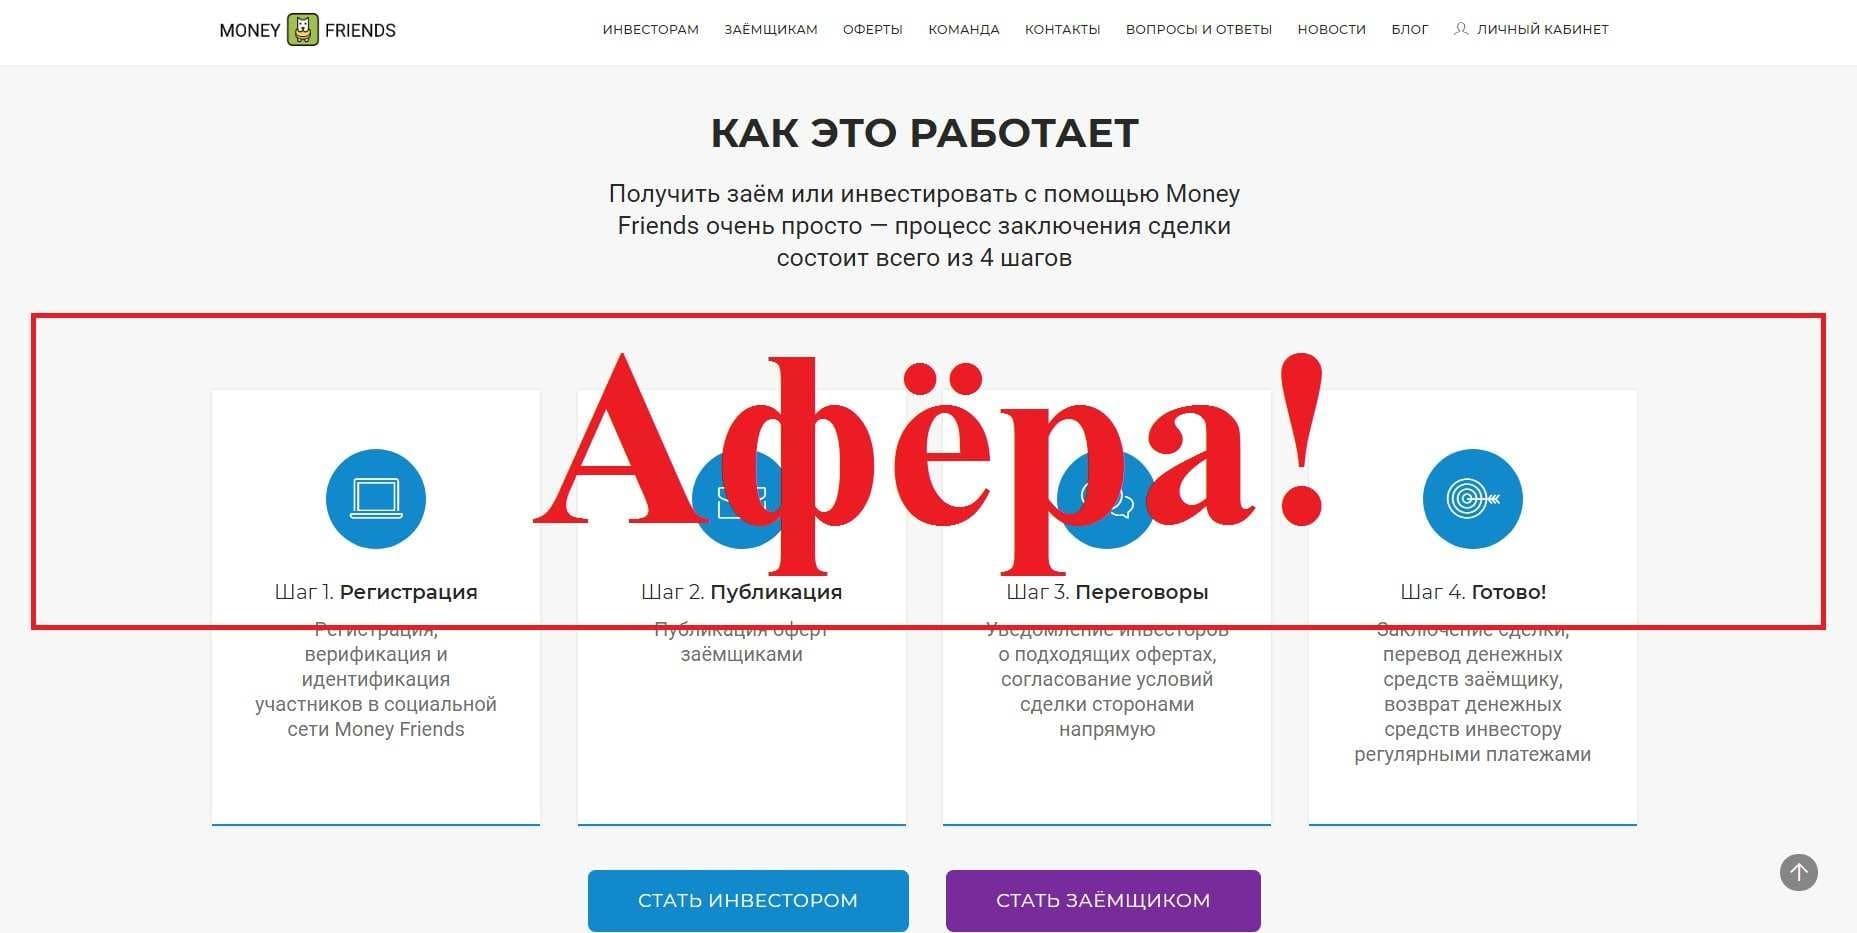 Всся информация о Money Friends, Фото № 3 - 1-consult.net